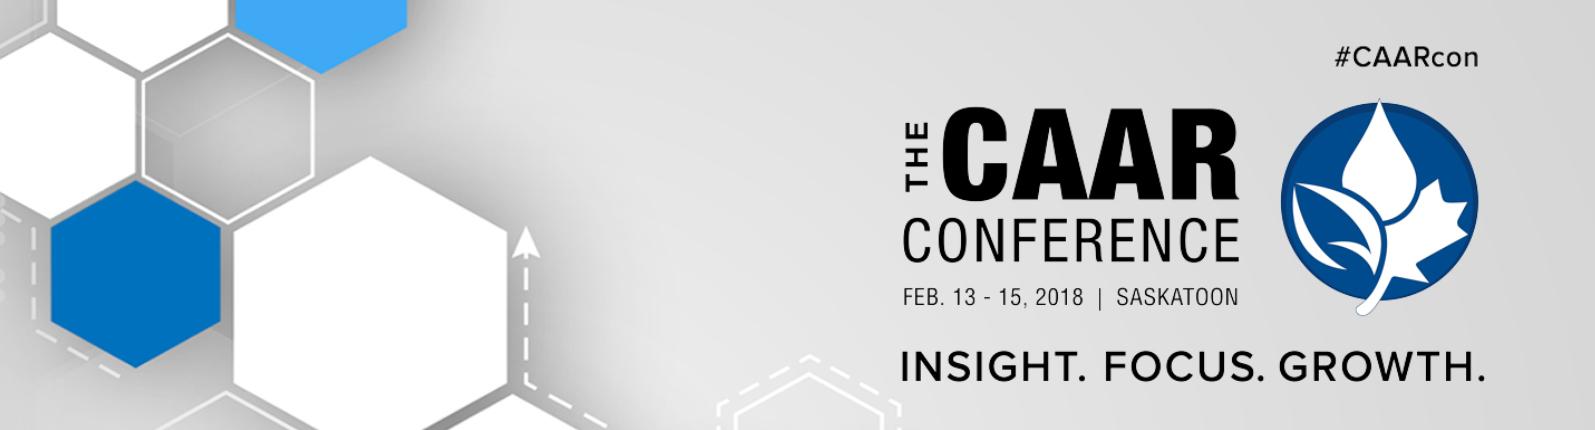 CAAR Conference 2018